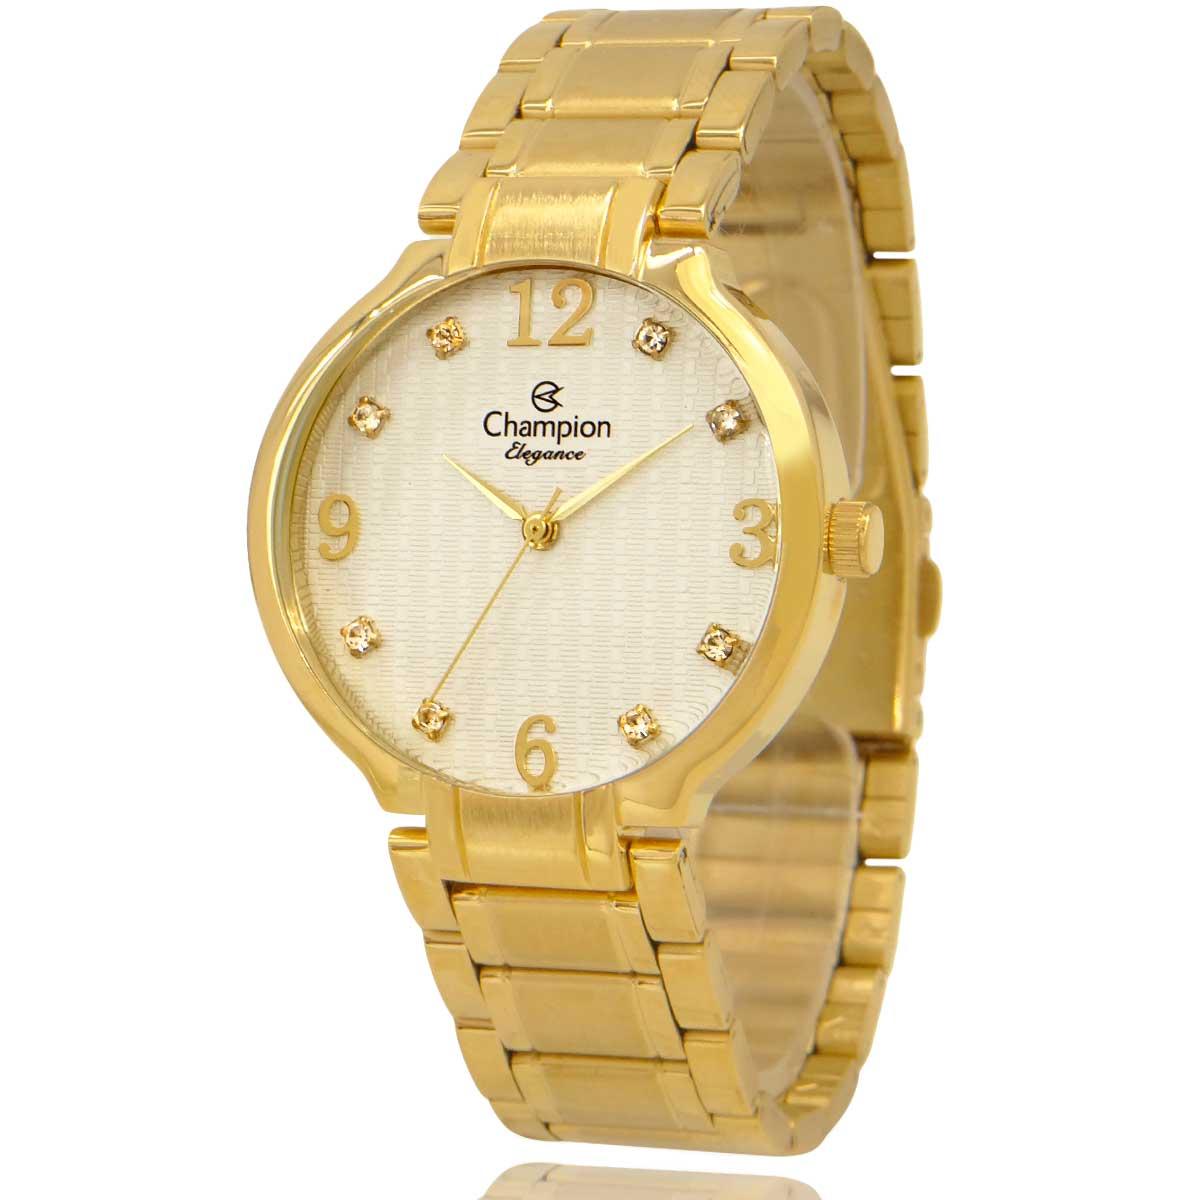 Relógio Feminino Champion Dourado e Branco com Colar e Brincos CN26831W